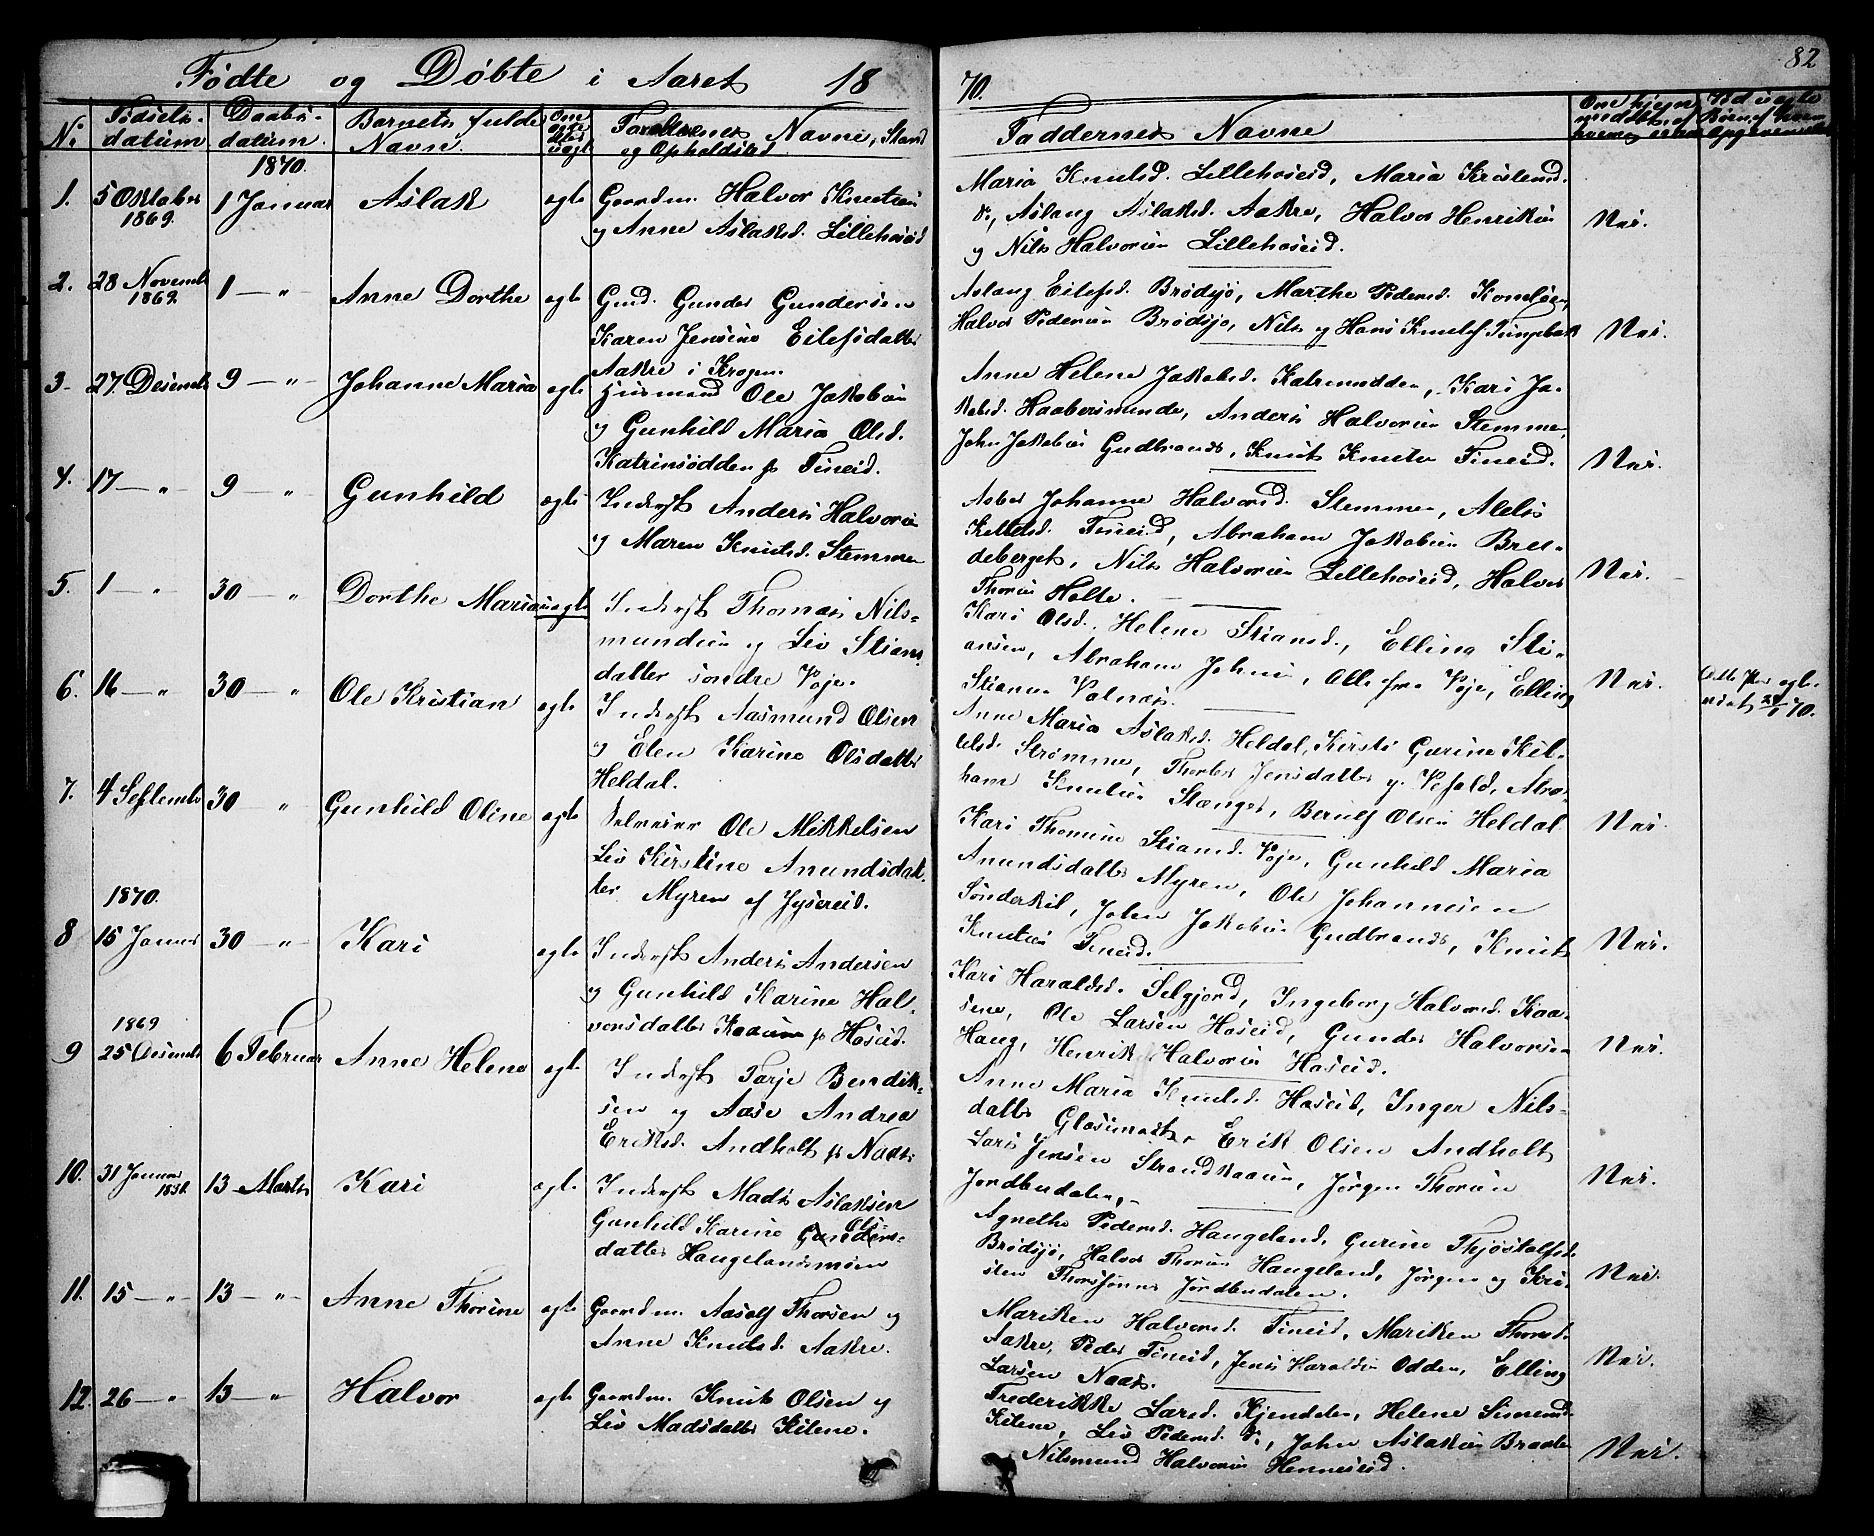 SAKO, Drangedal kirkebøker, G/Ga/L0002: Klokkerbok nr. I 2, 1856-1887, s. 82